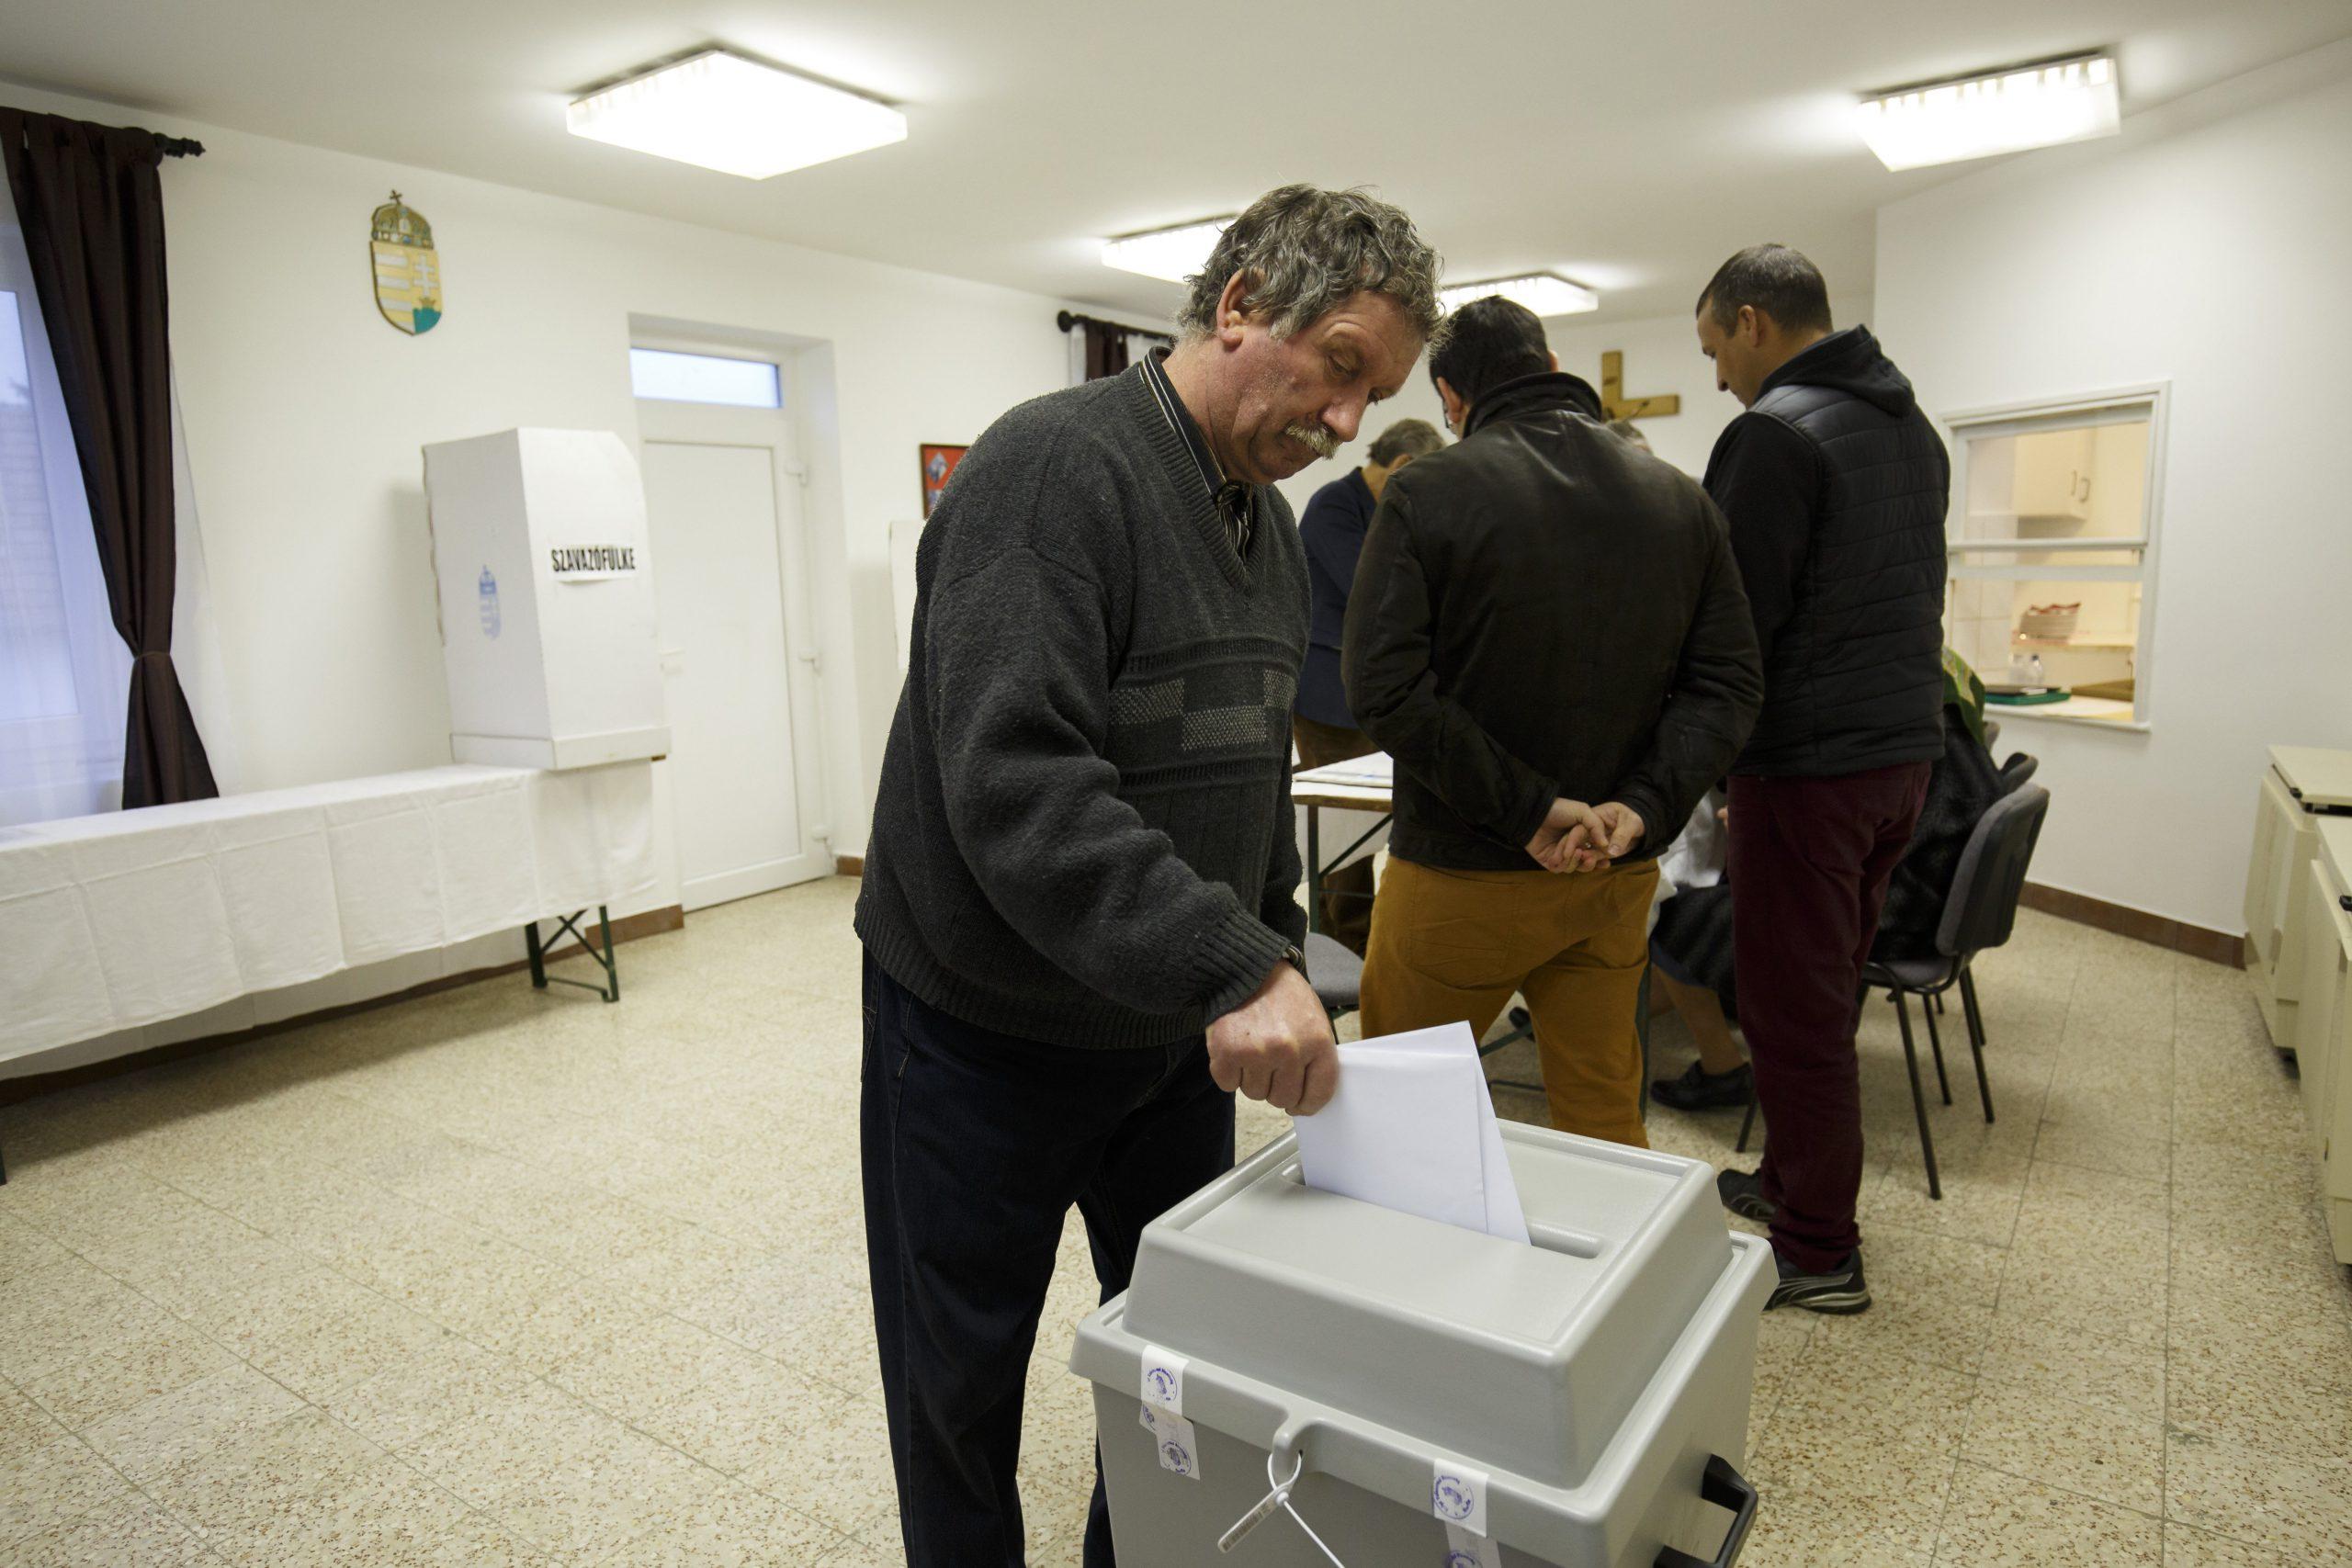 Választás 2018 - Részvételi arány - 9 óra - 13,17 százalék